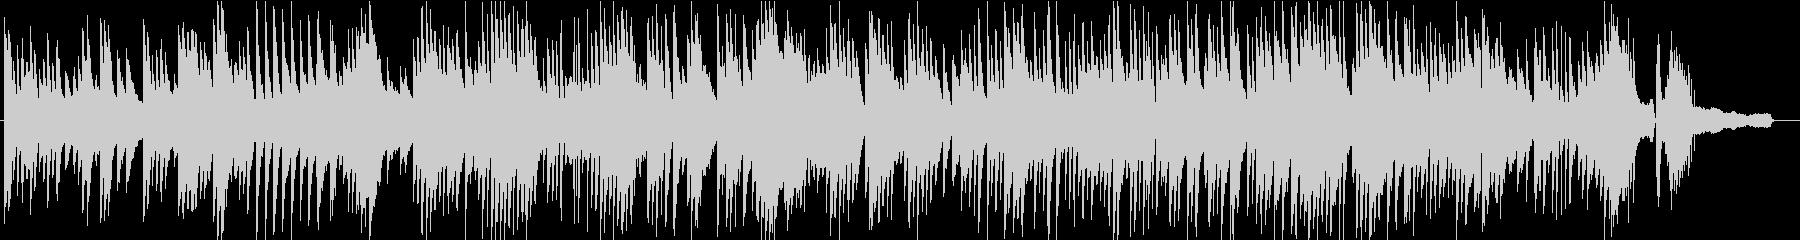 さりげなく使いやすい静かなピアノソBGMの未再生の波形